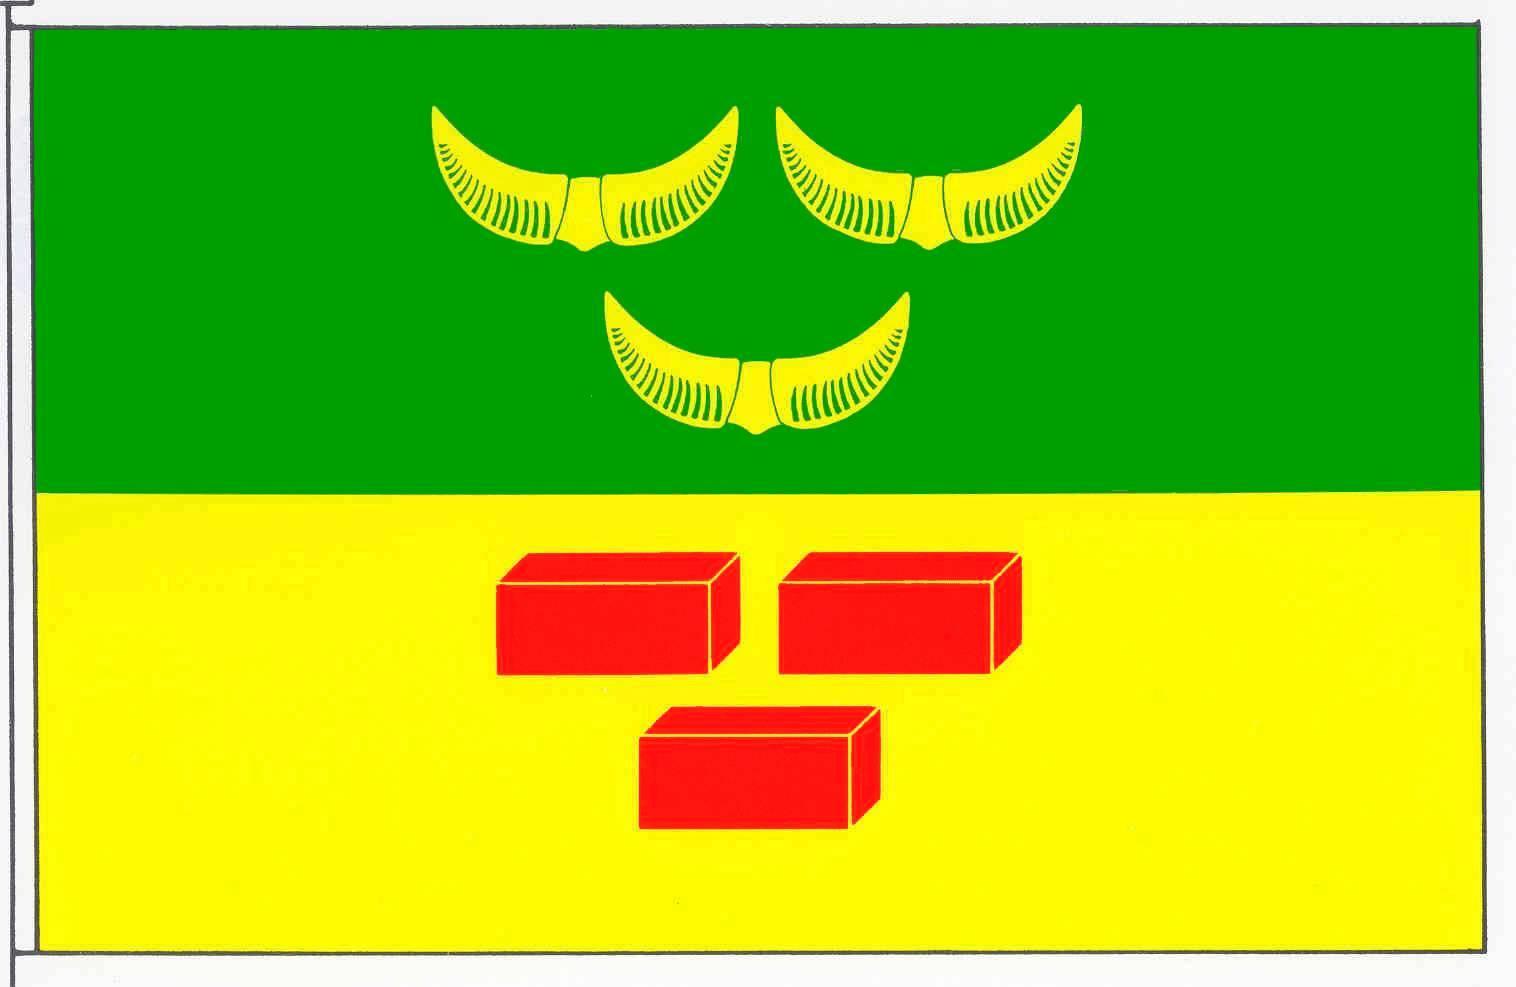 Flagge GemeindeWiemersdorf, Kreis Segeberg